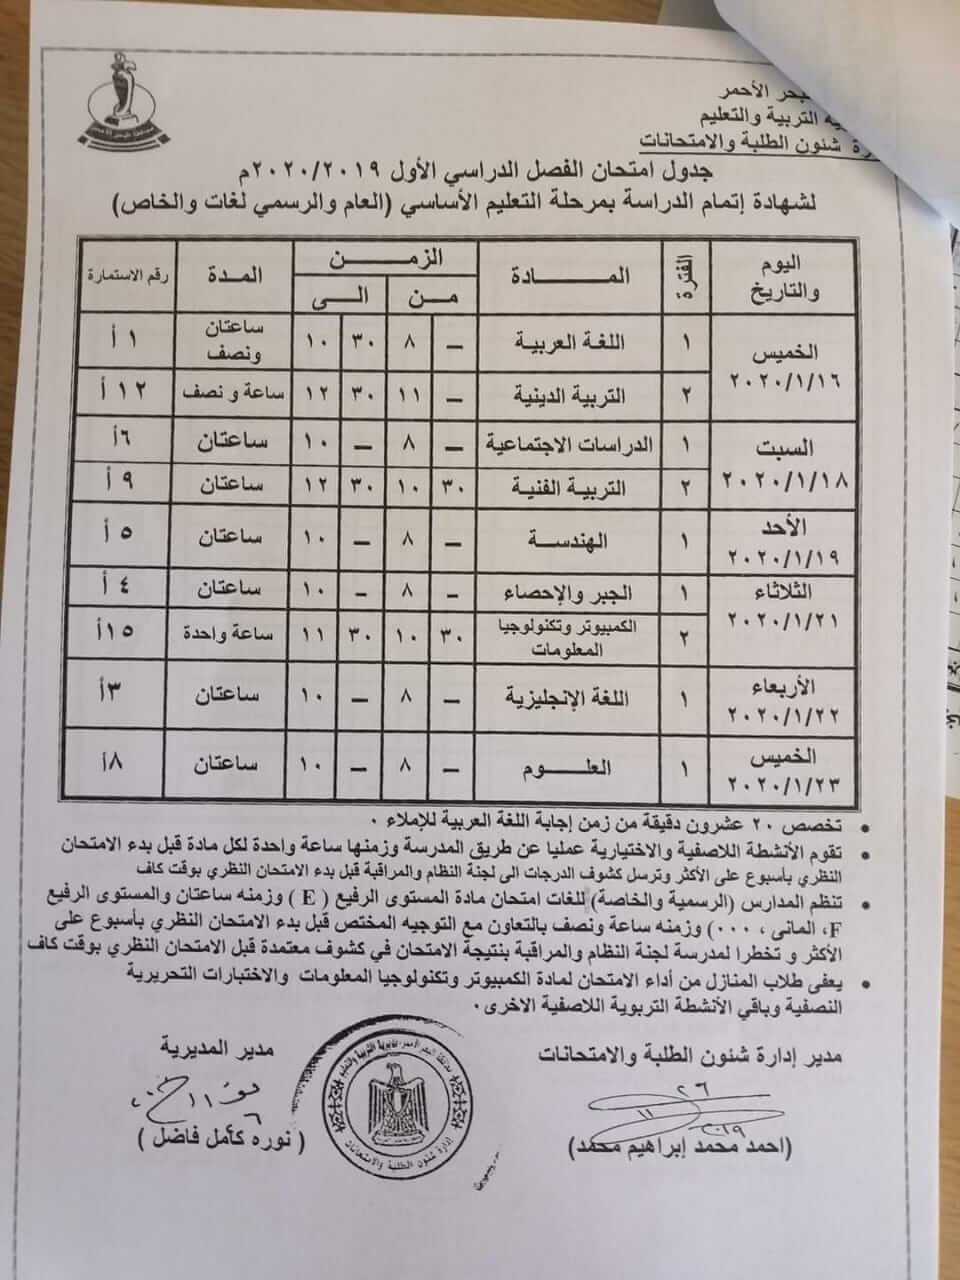 جدول امتحانات الصف الثالث الاعدادي نصف العام محافظة البحر الاحمر 2020